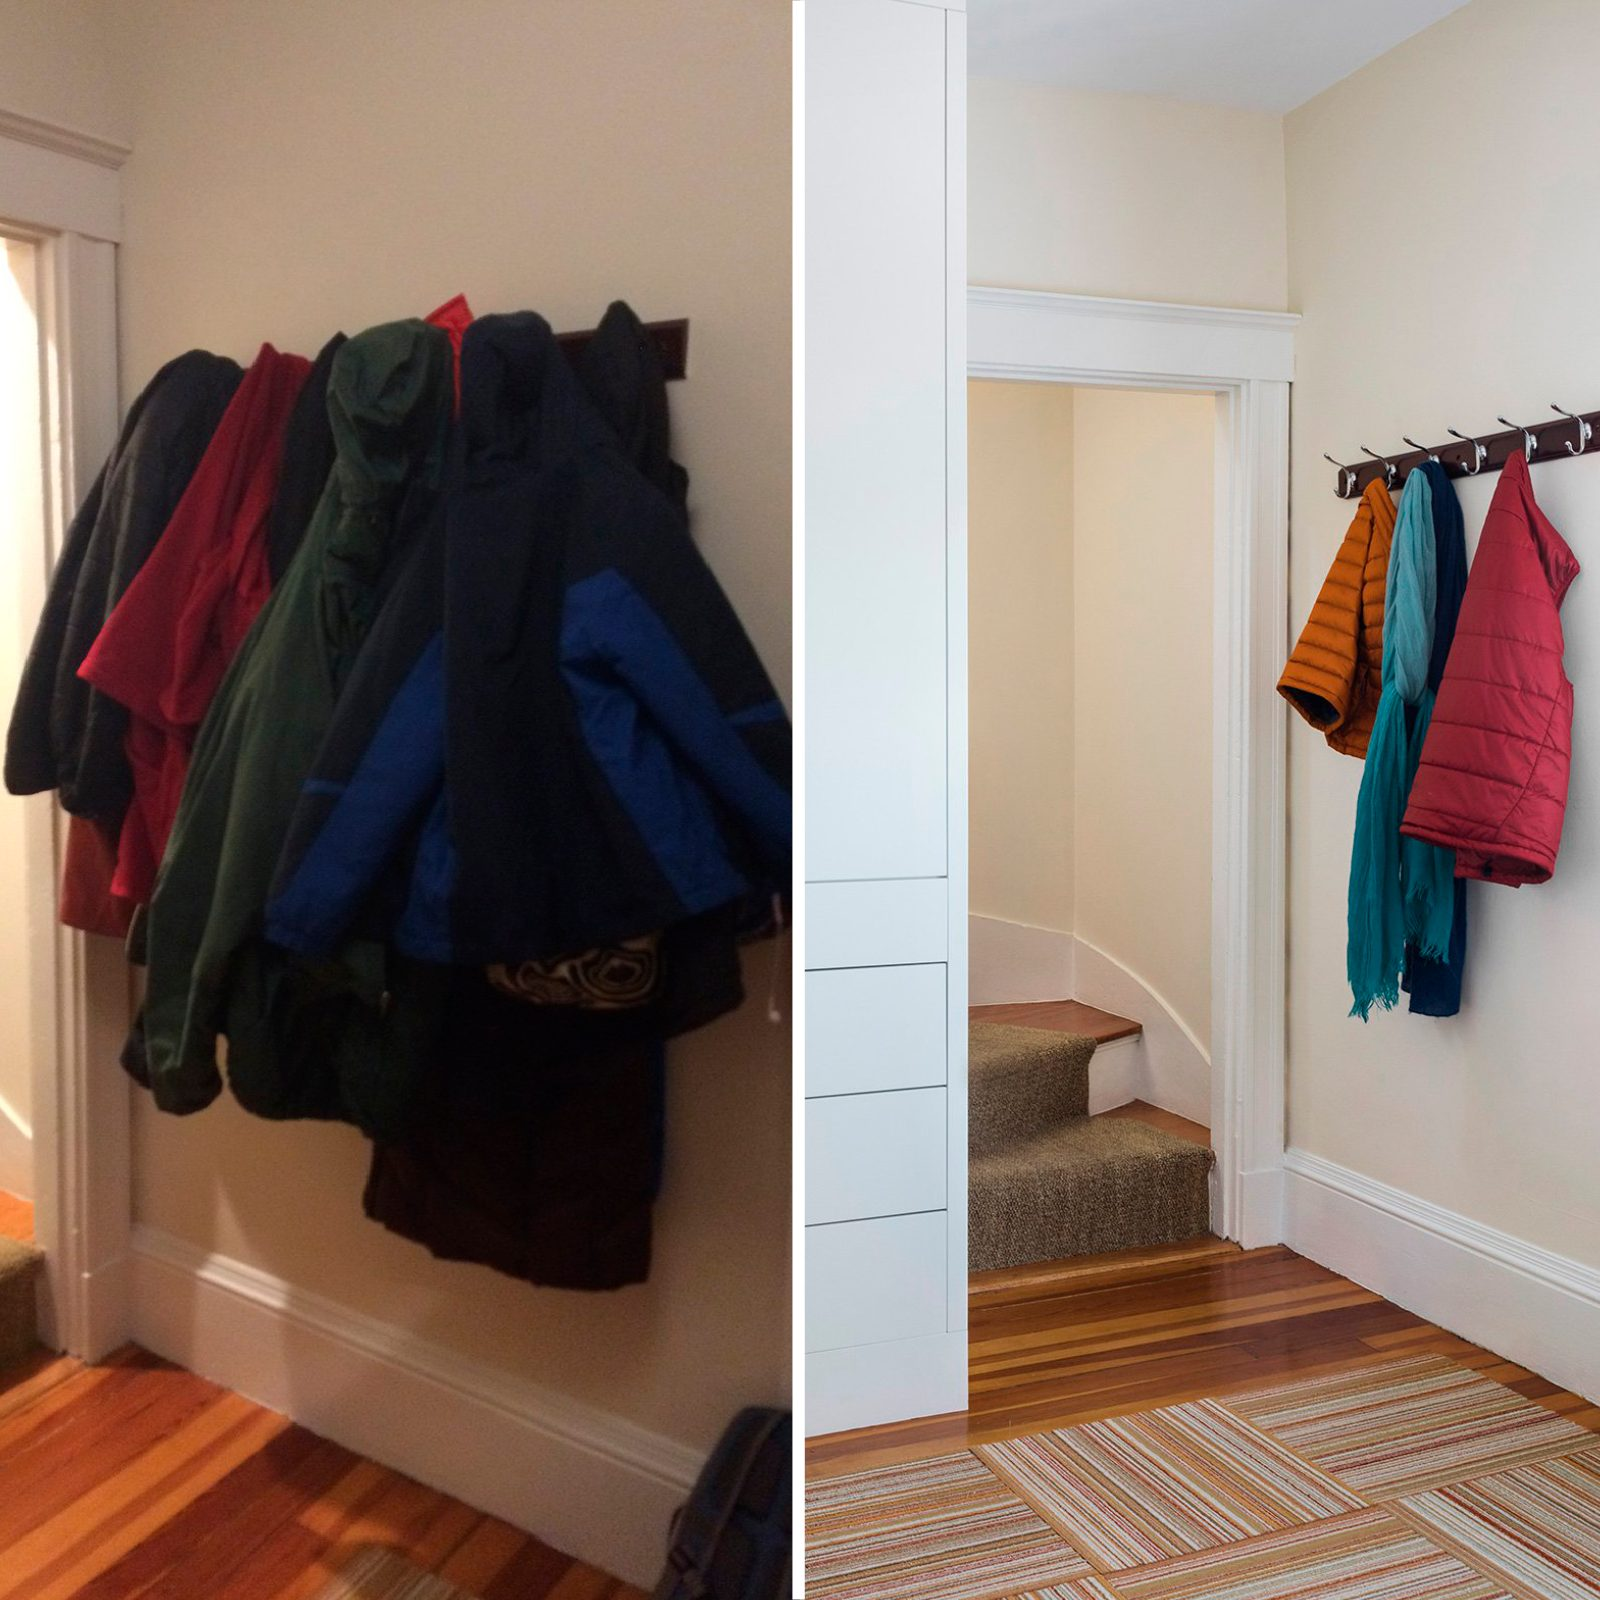 stairway home organization makeover